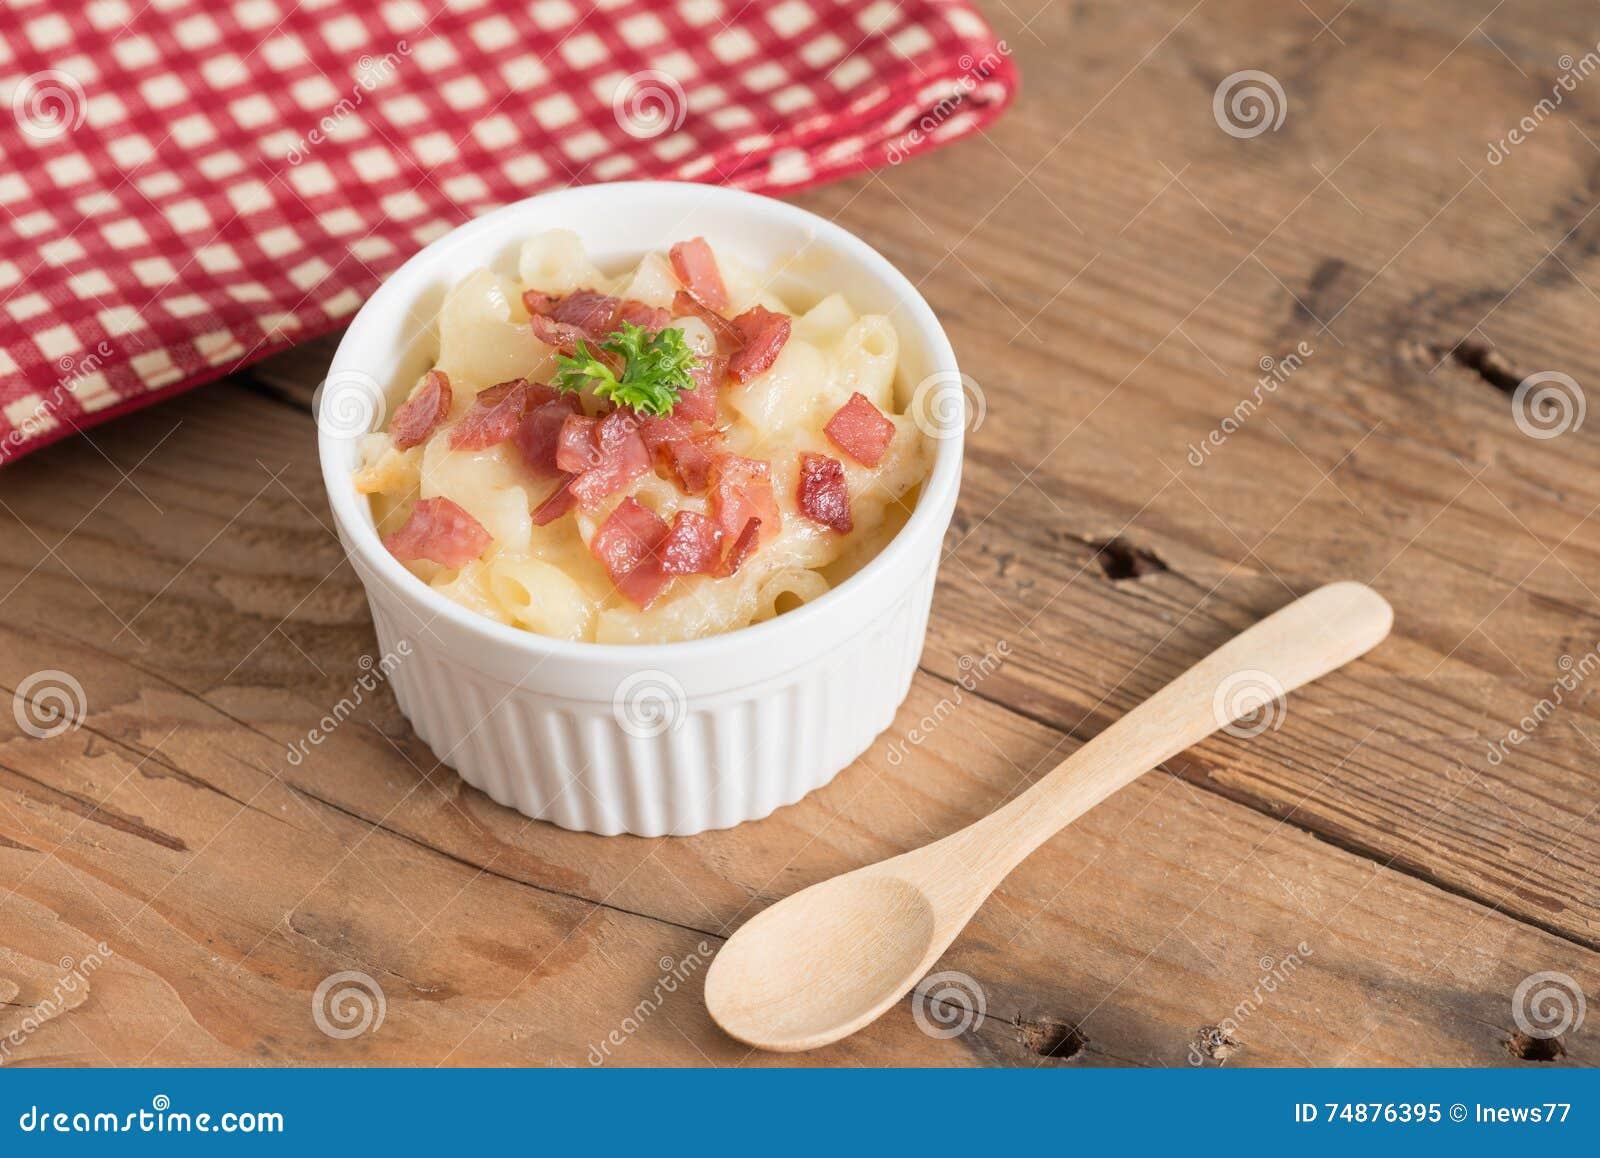 Macarrão e queijo com presunto